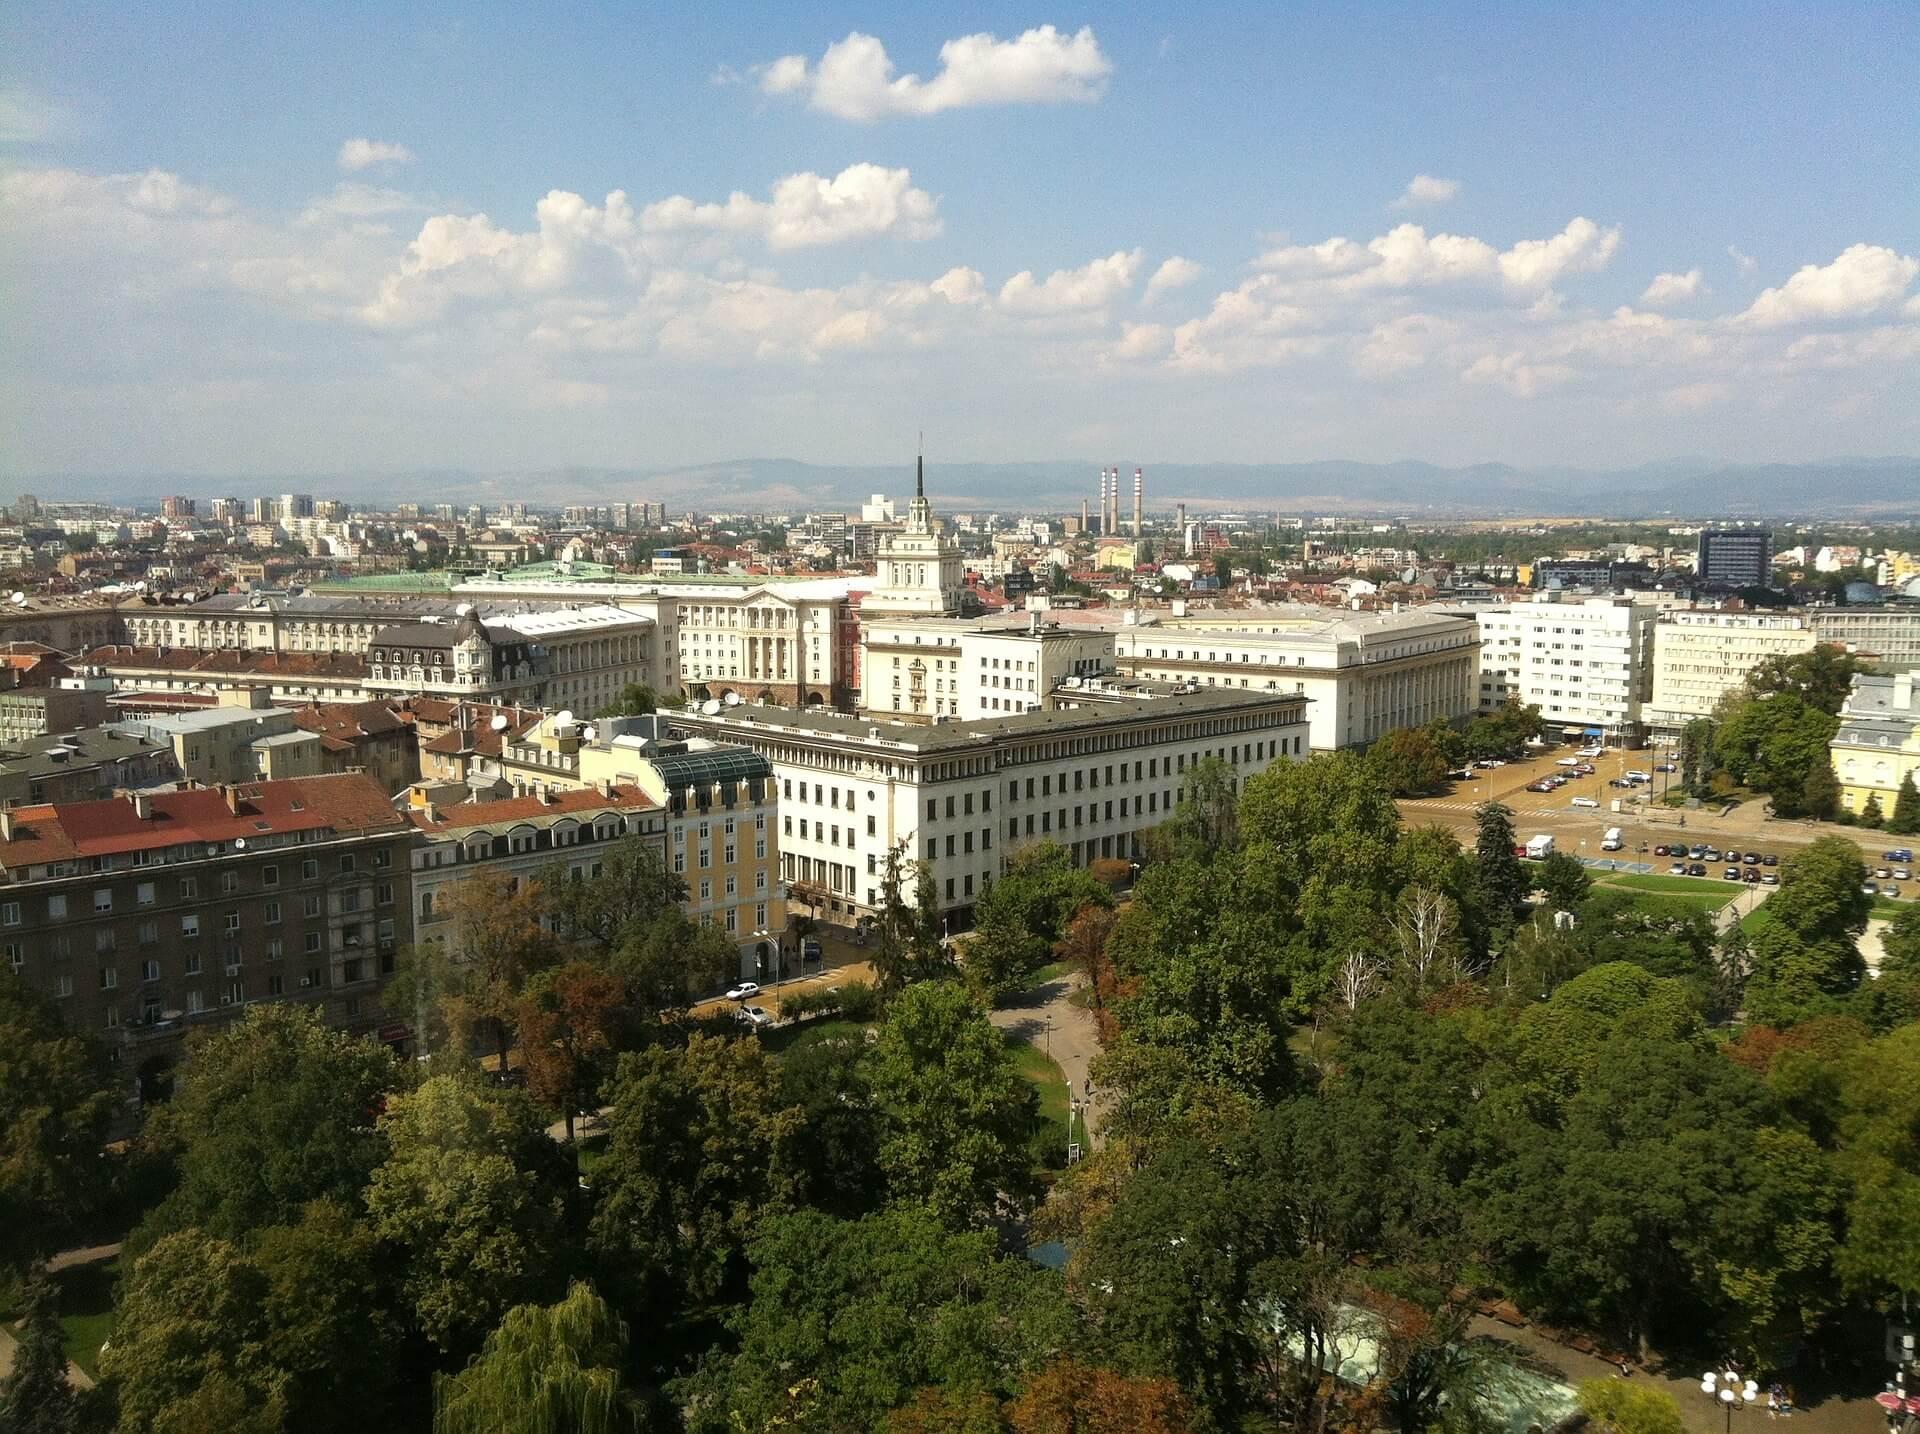 Direktflüge und Billigflüge nach Sofia